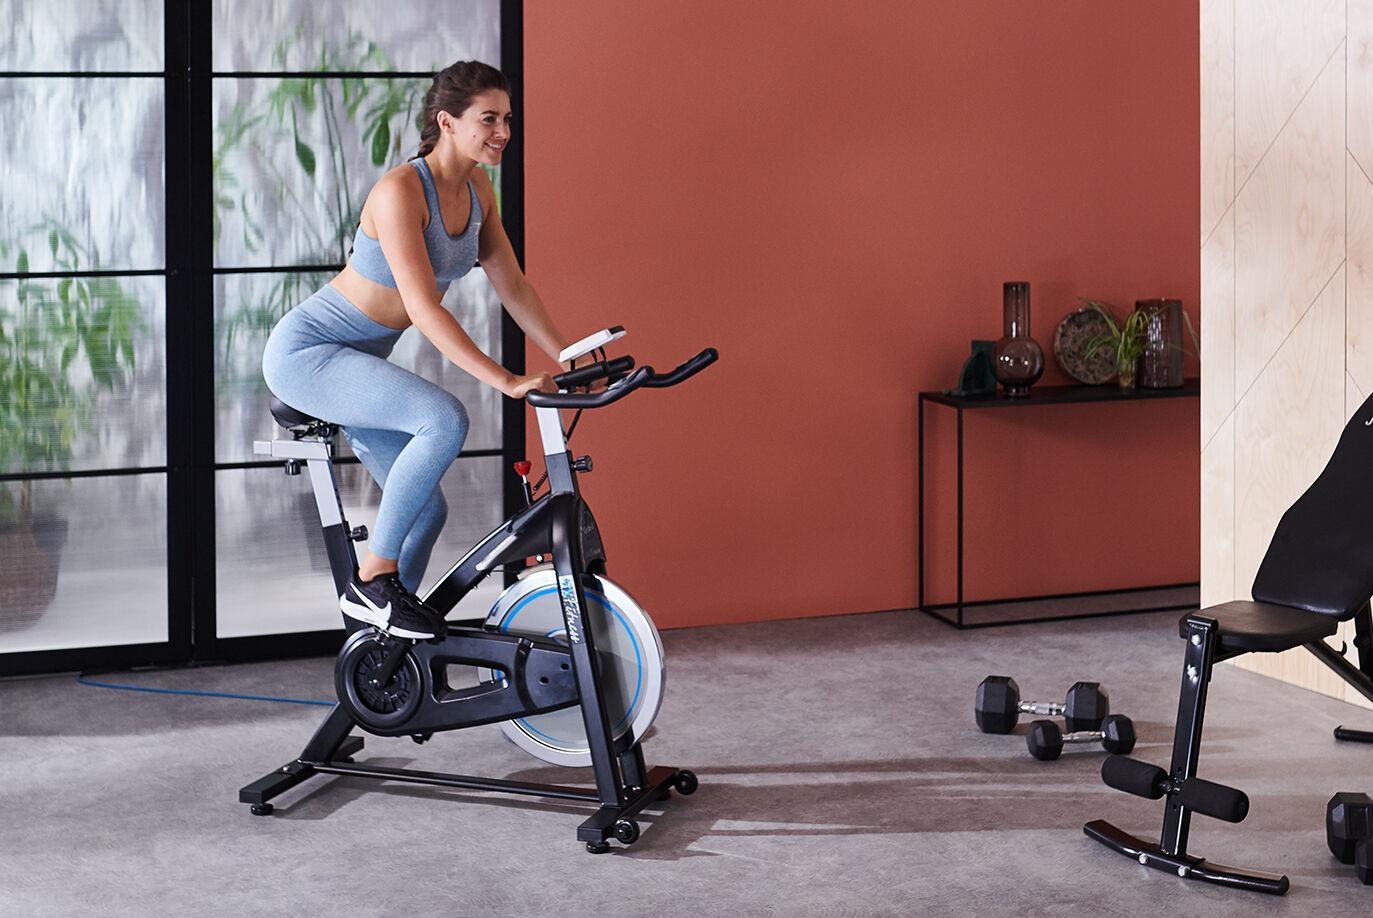 JTX Cyclo 3 Compact Exercise Bike